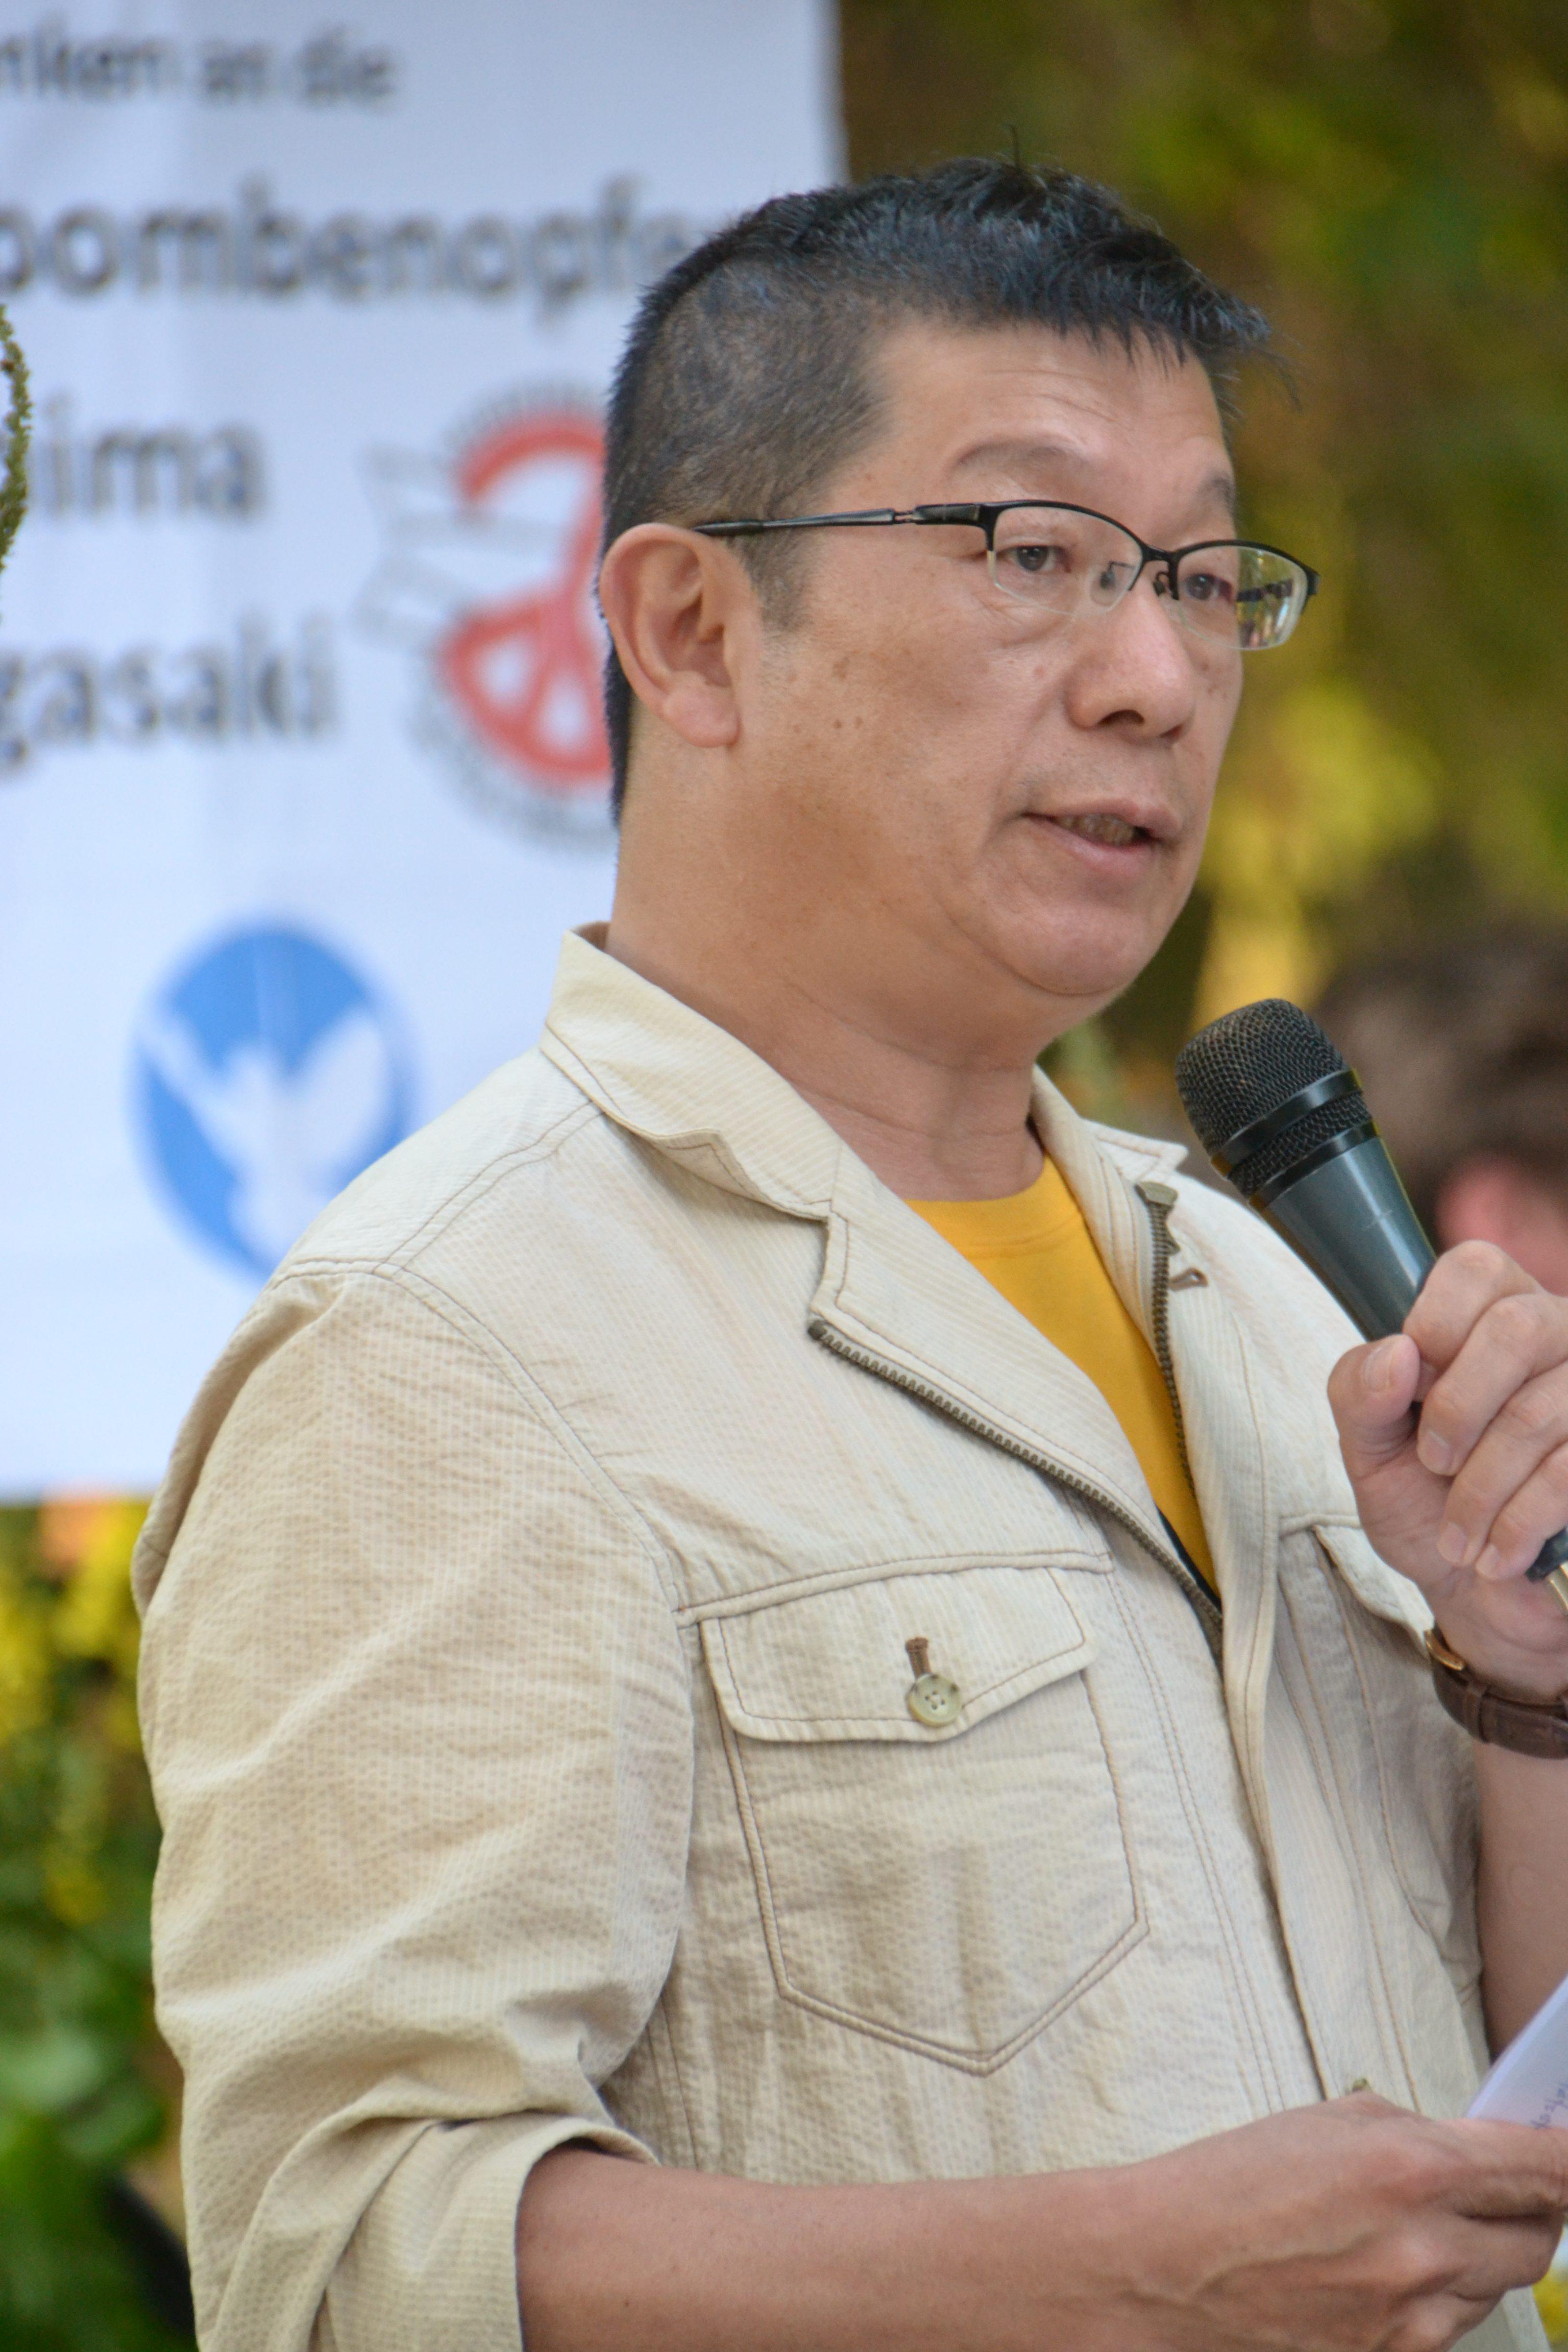 Ein asiatisch aussehender Herr mit kurzen schwarzen Haaren und Brille, in einem beigefarbenen Leinenhemd und sonnengelbem T-Shirt darunter spricht in ein Mikrophon. Im Hintergrund ein Schild mit einer Friedenstaube und dem Logo von ICAN, der Internationalen Kampagne zur Abschaffung der Kernwaffen.